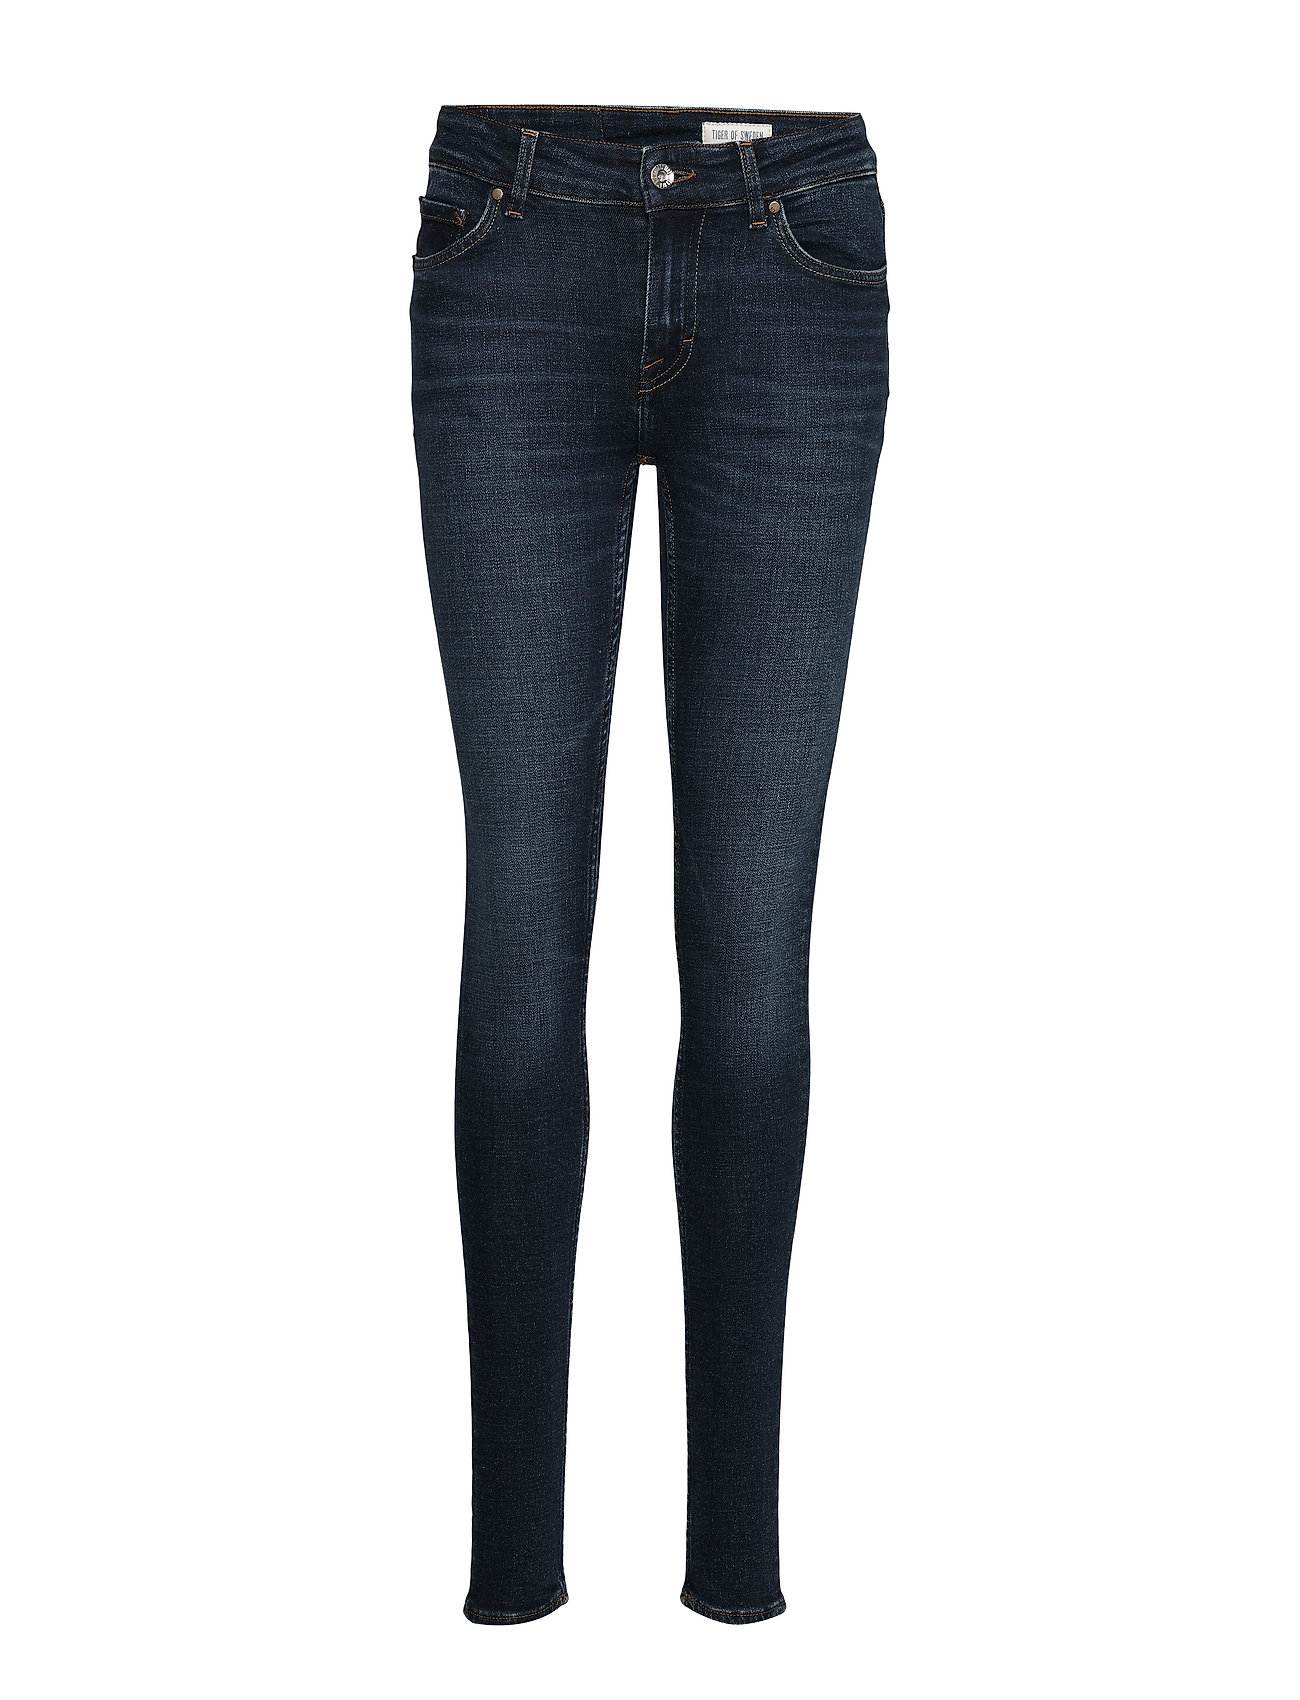 Tiger of Sweden Jeans SLIGHT - ROYAL BLUE